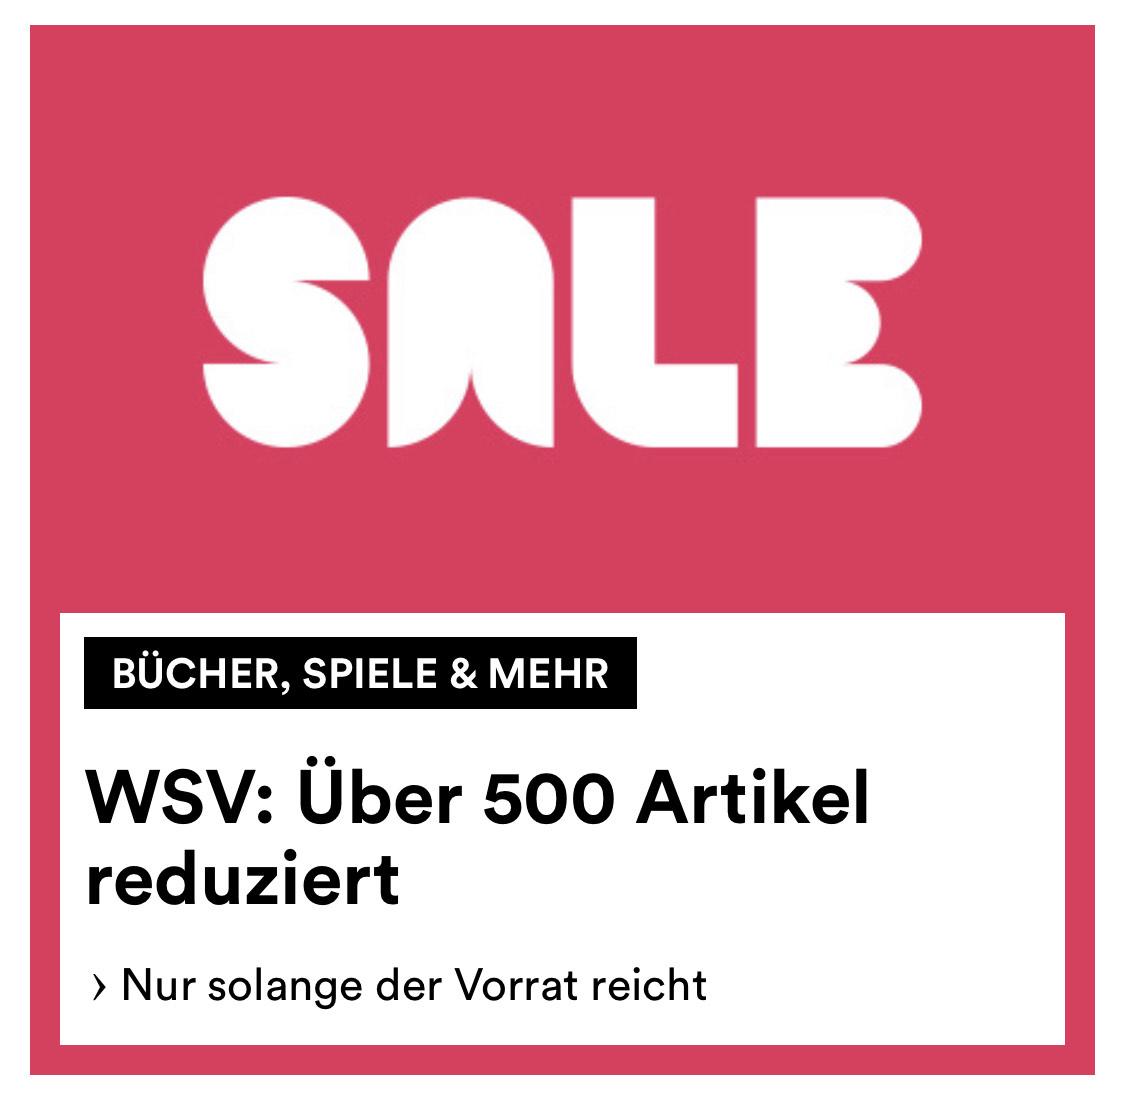 WSV Verkauf bei Thalia